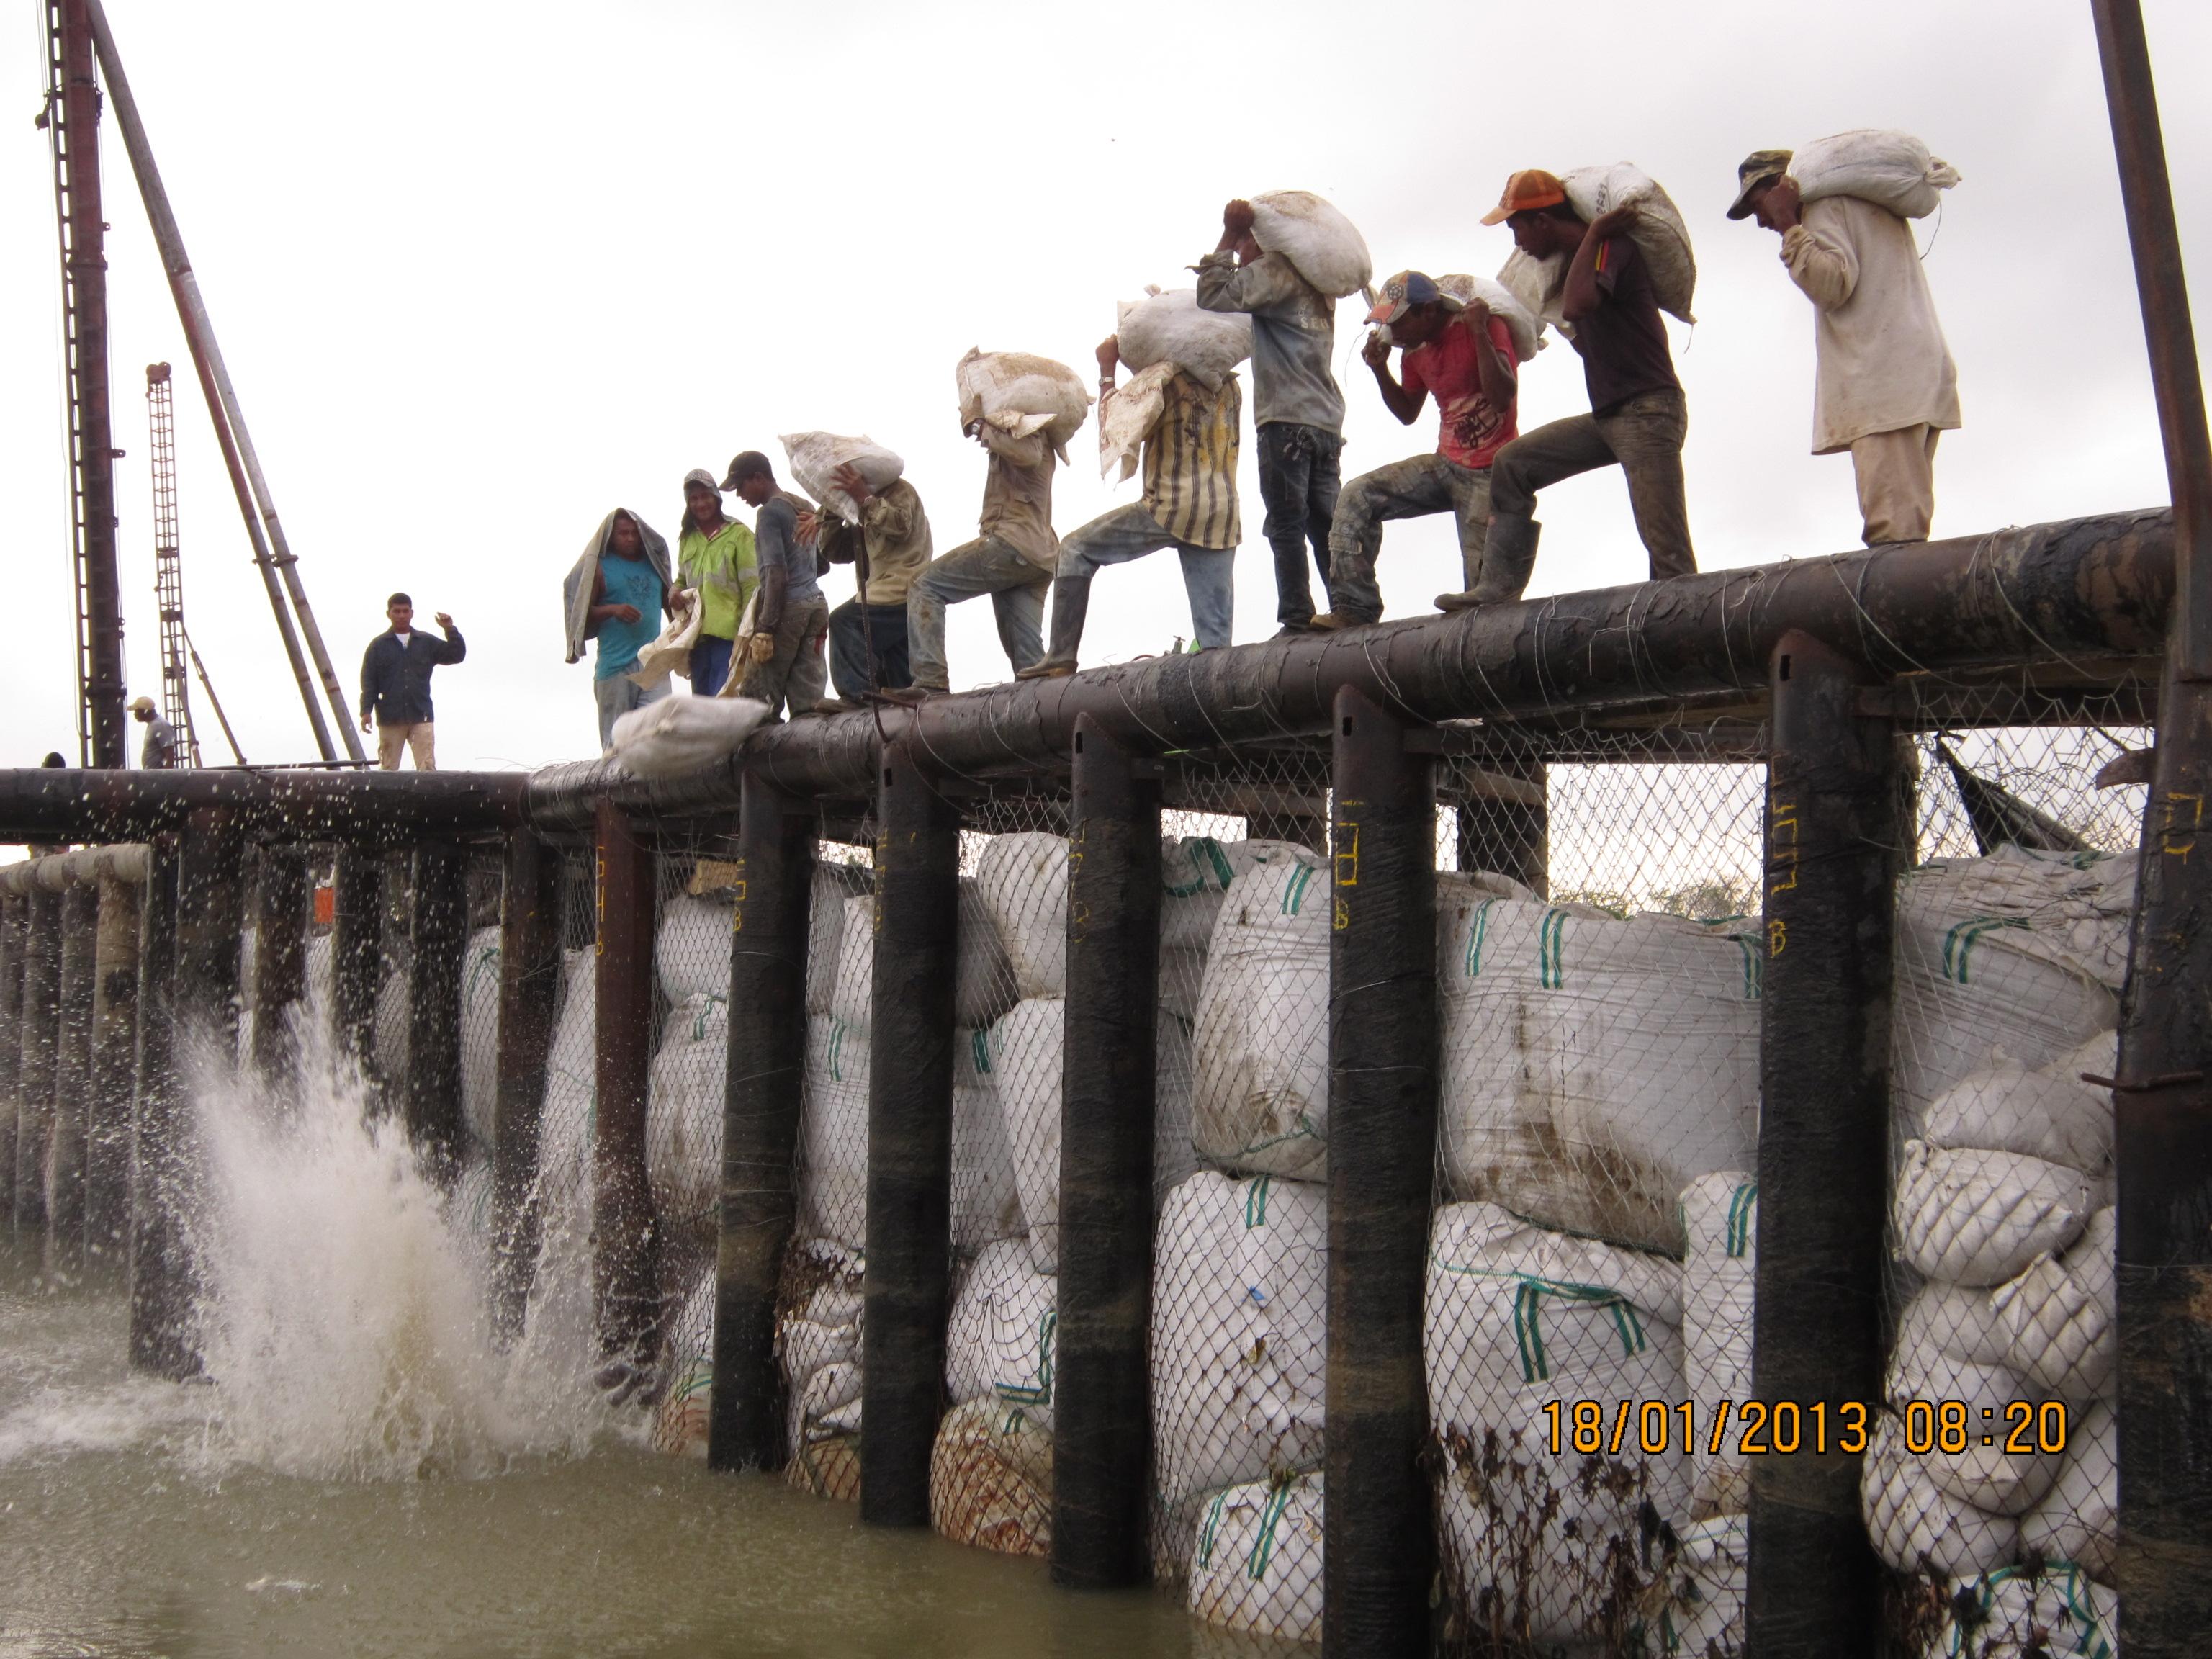 Instalación de bolsasuelos en el trasdós de la barrera principal